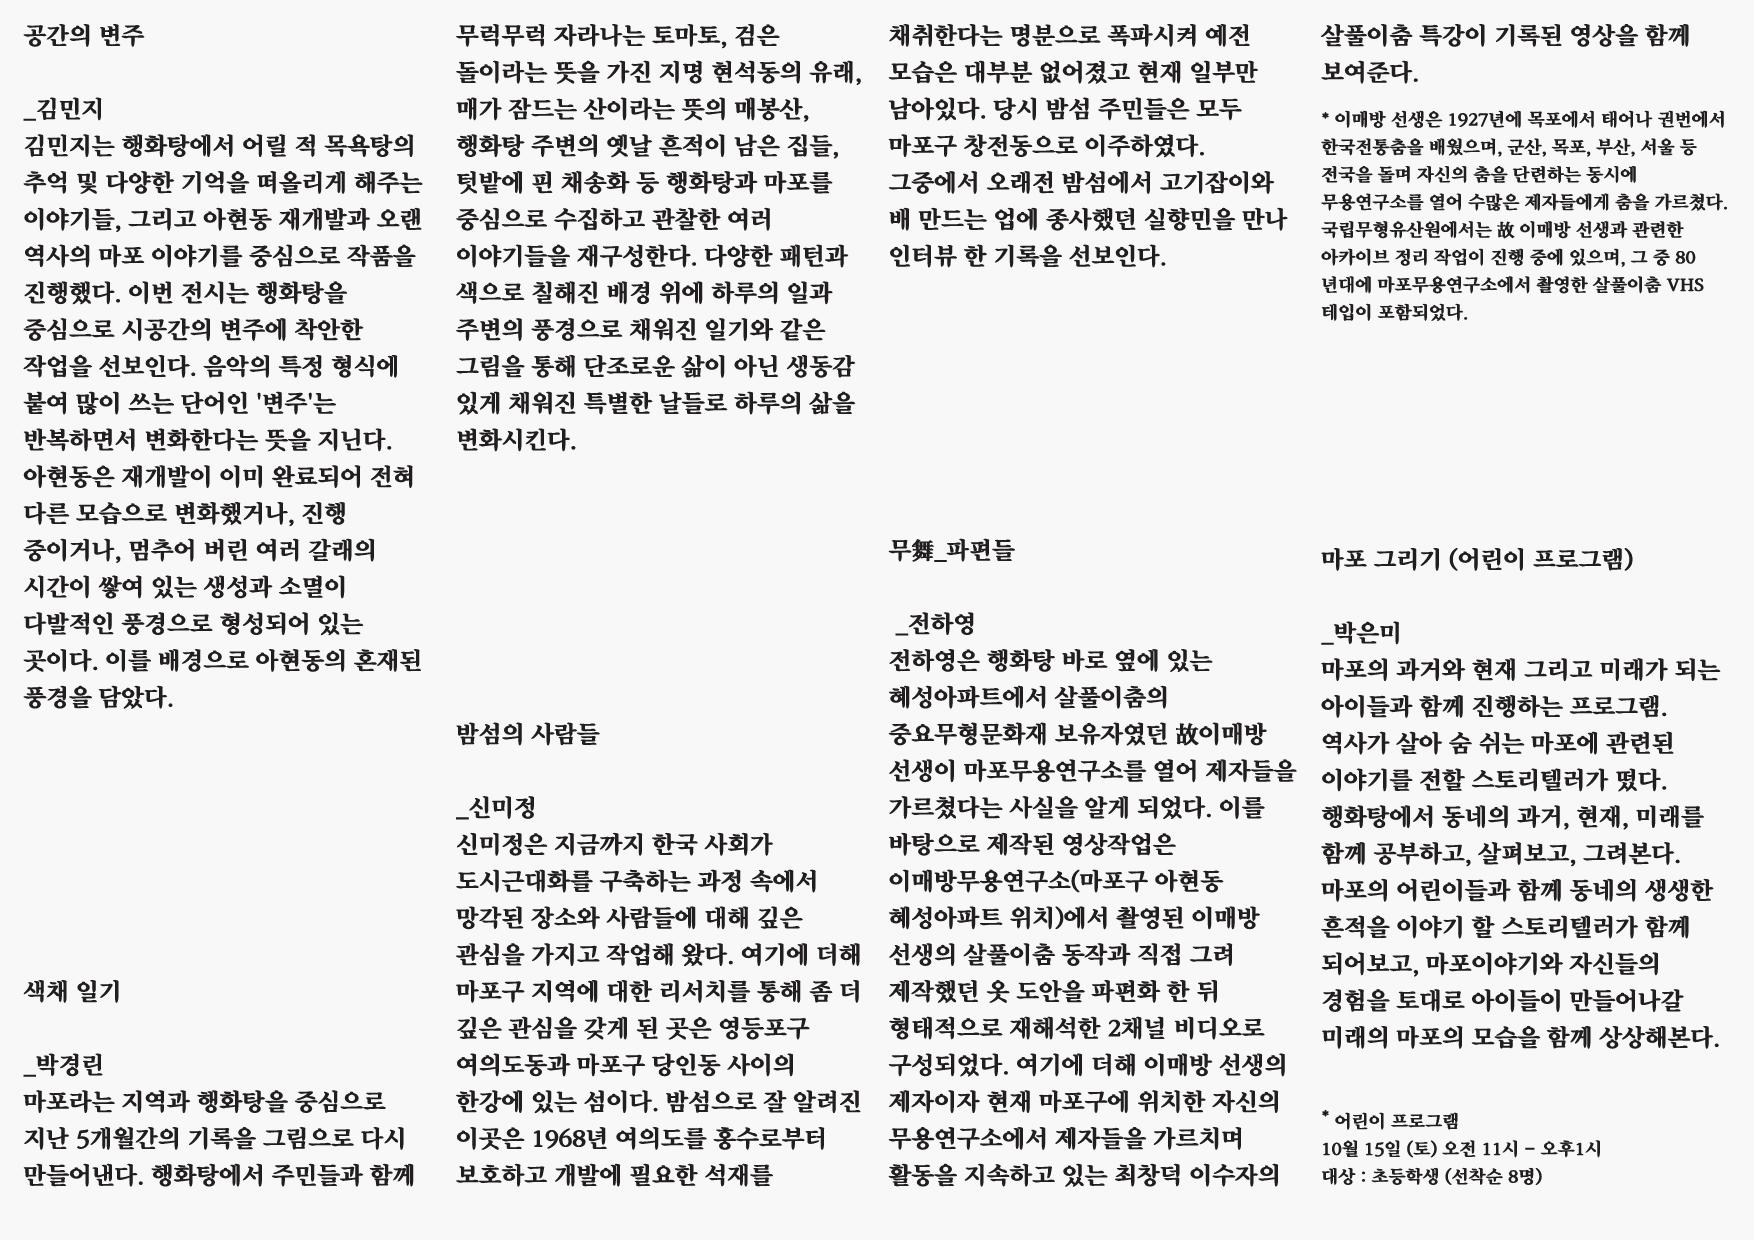 마포이야기-아주가까운이야기_리플렛 2종 (참고용 파일)-02